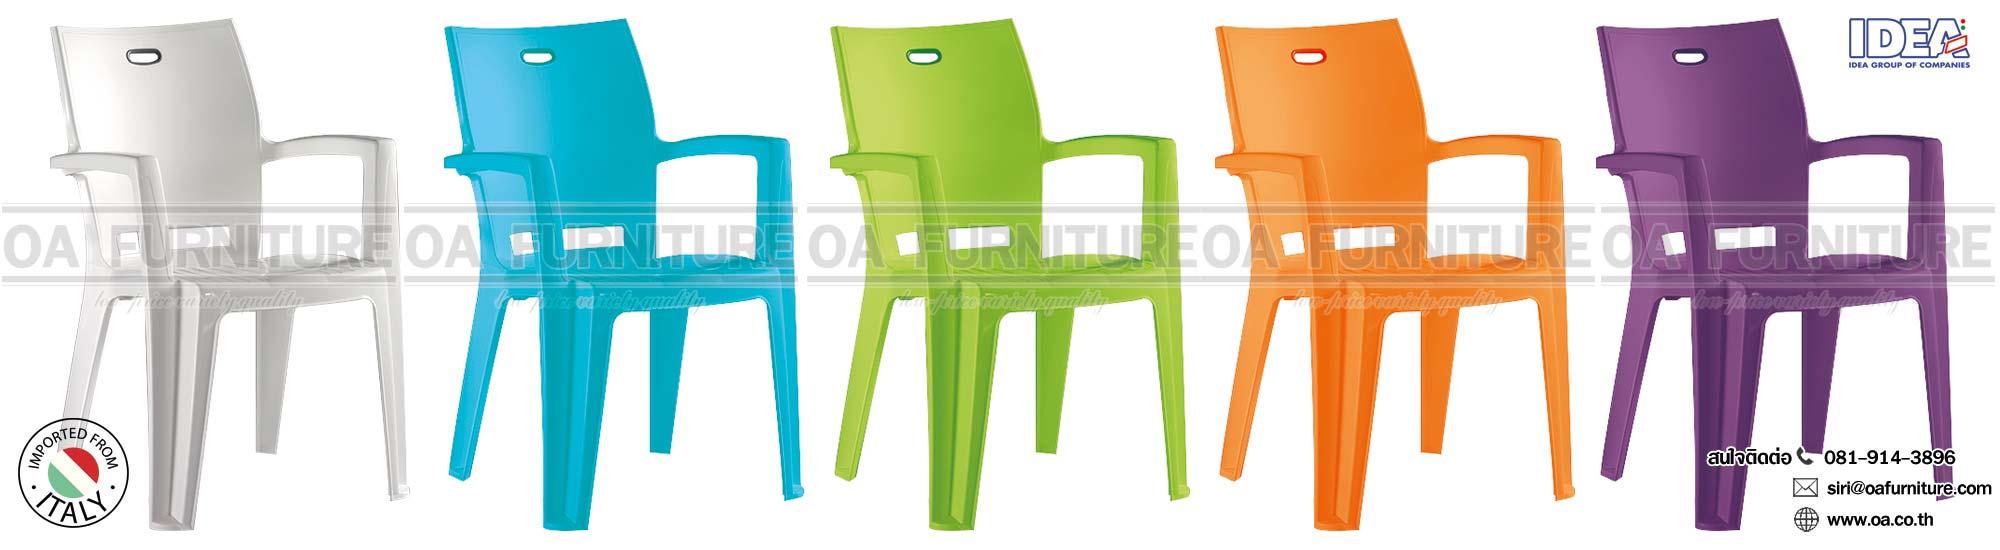 เก้าอี้พลาสติก Denver